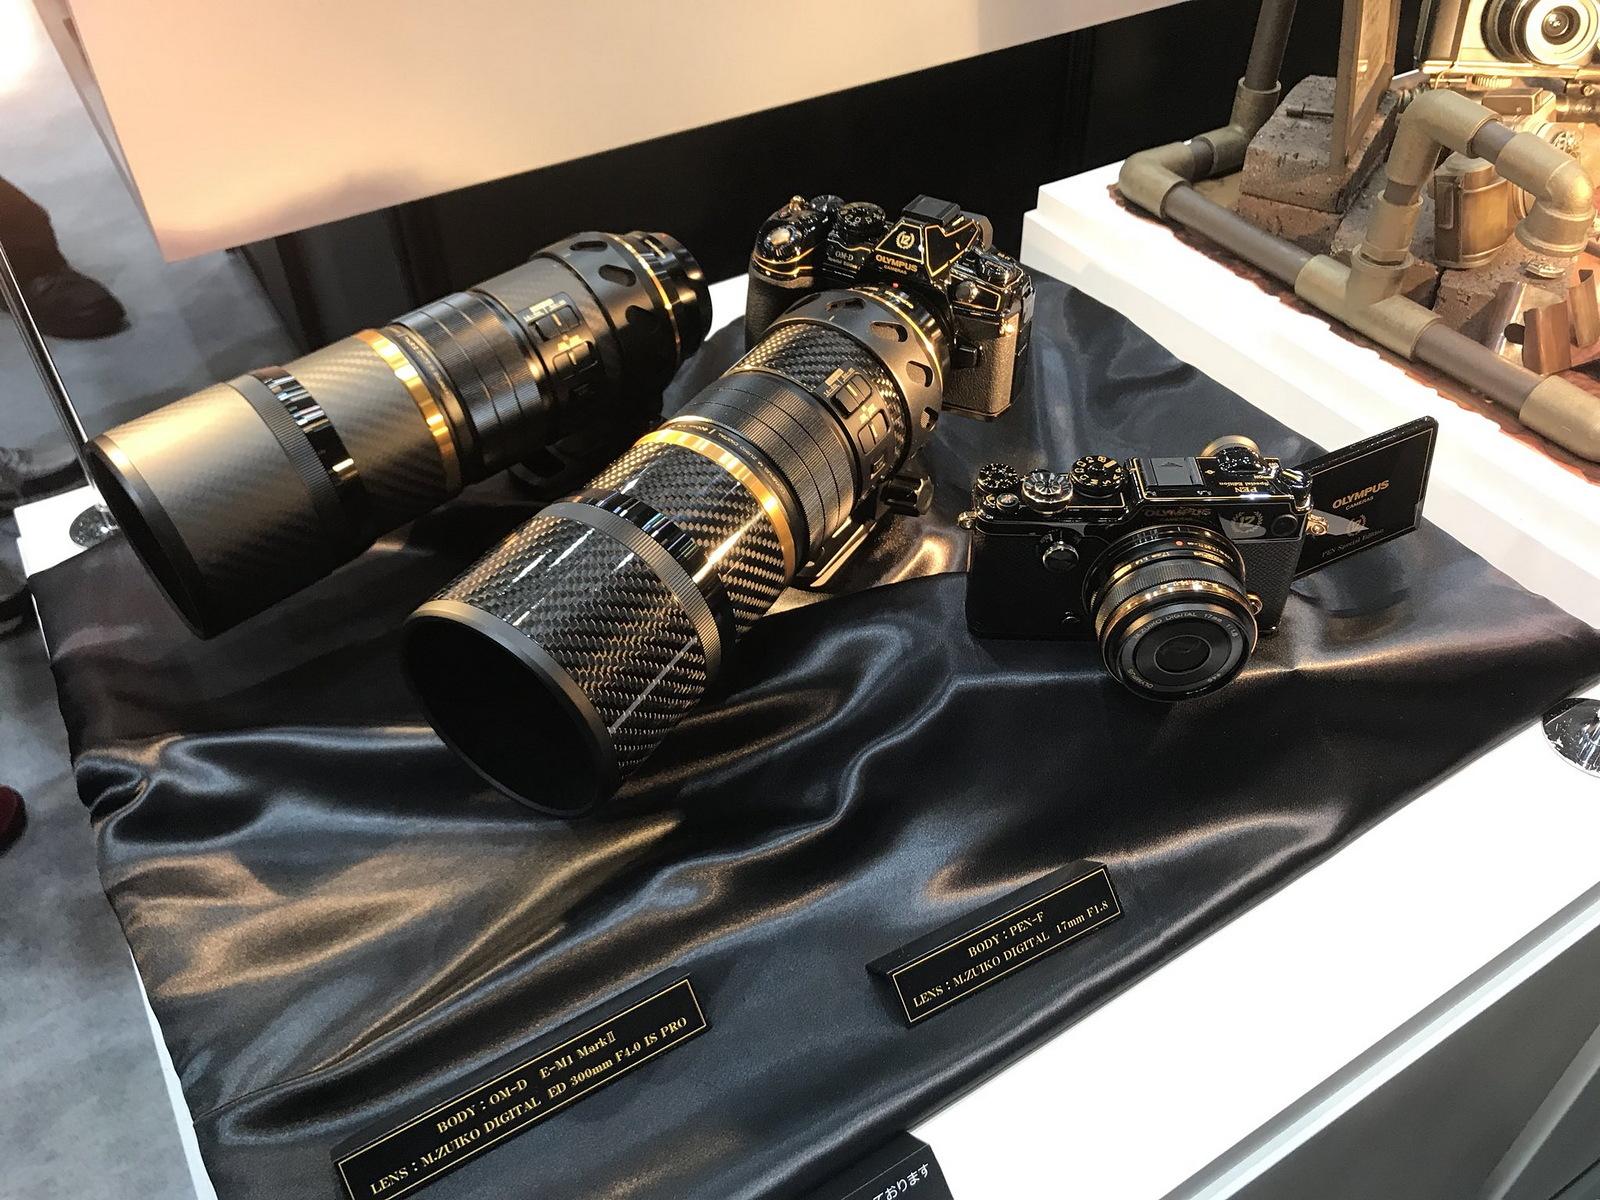 Фотоаппараты и объективы Olympus в черно-золотом исполнении